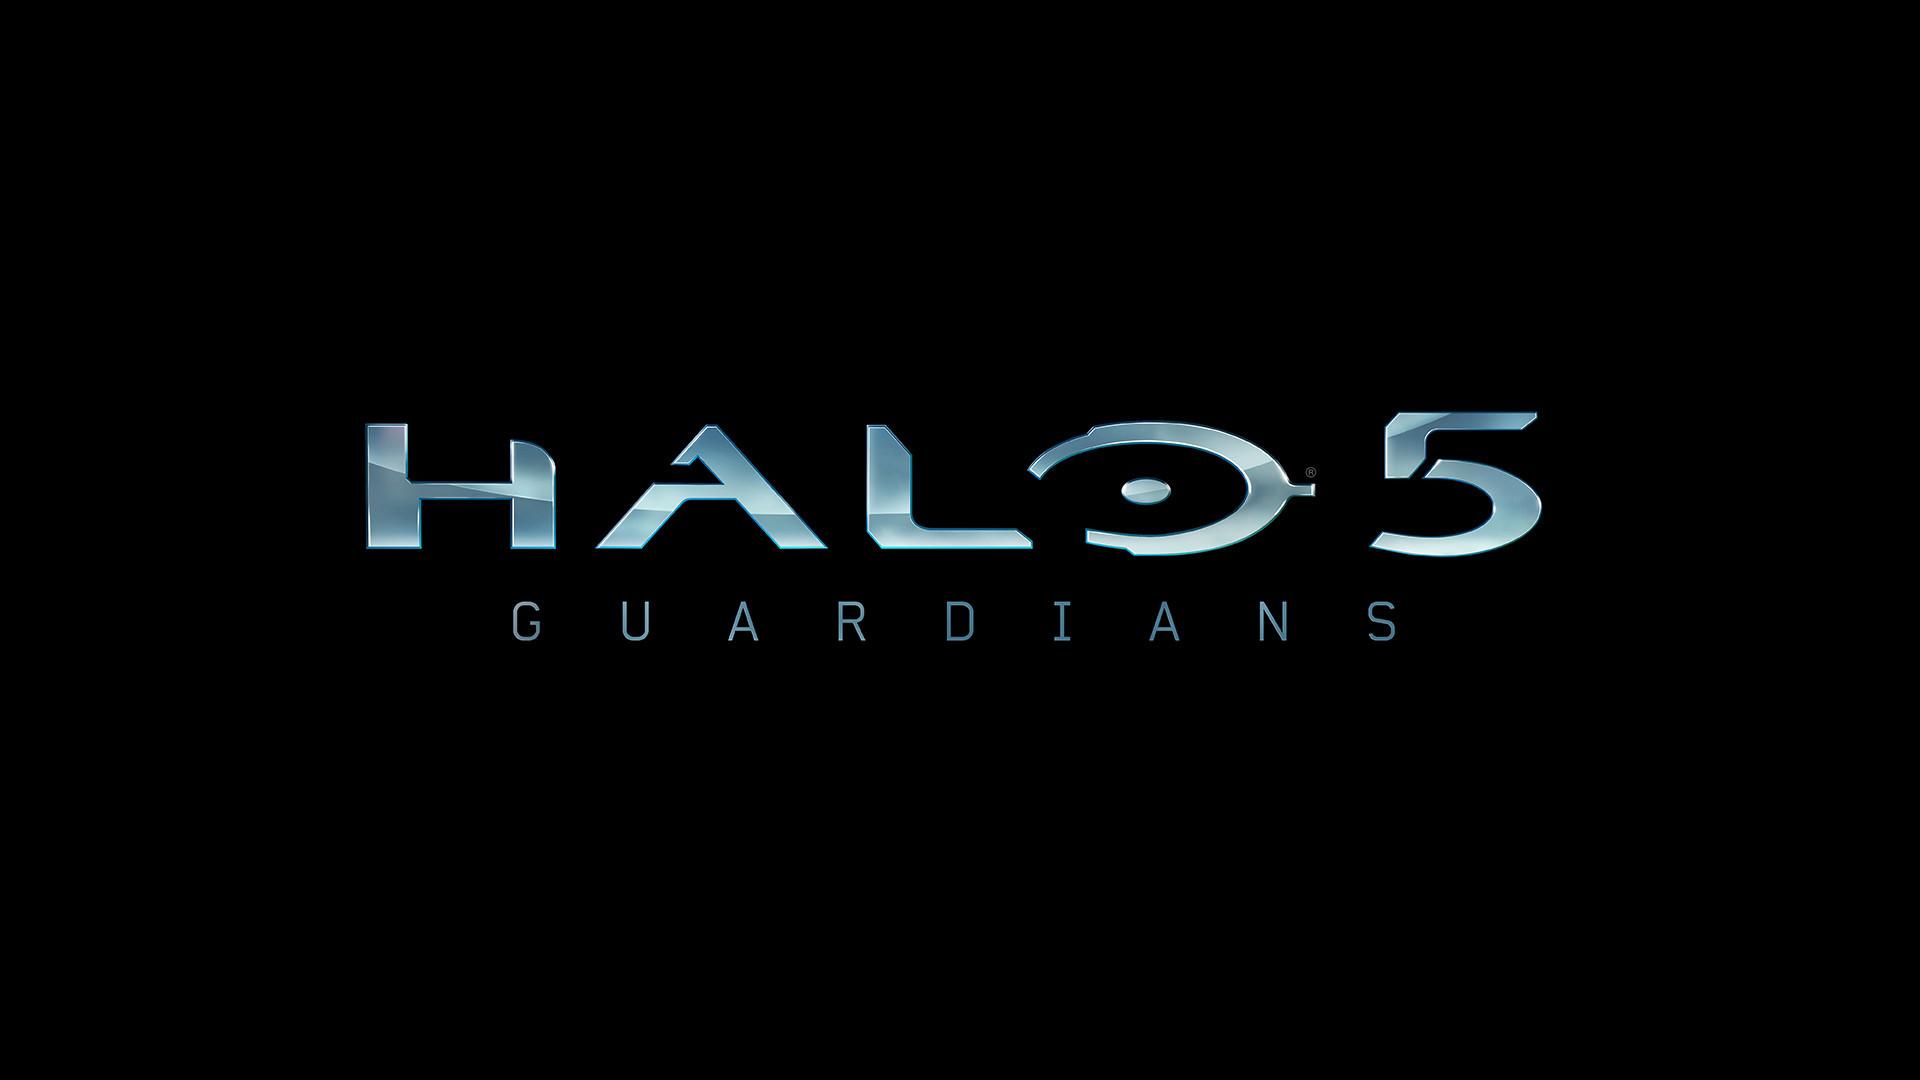 Halo_5